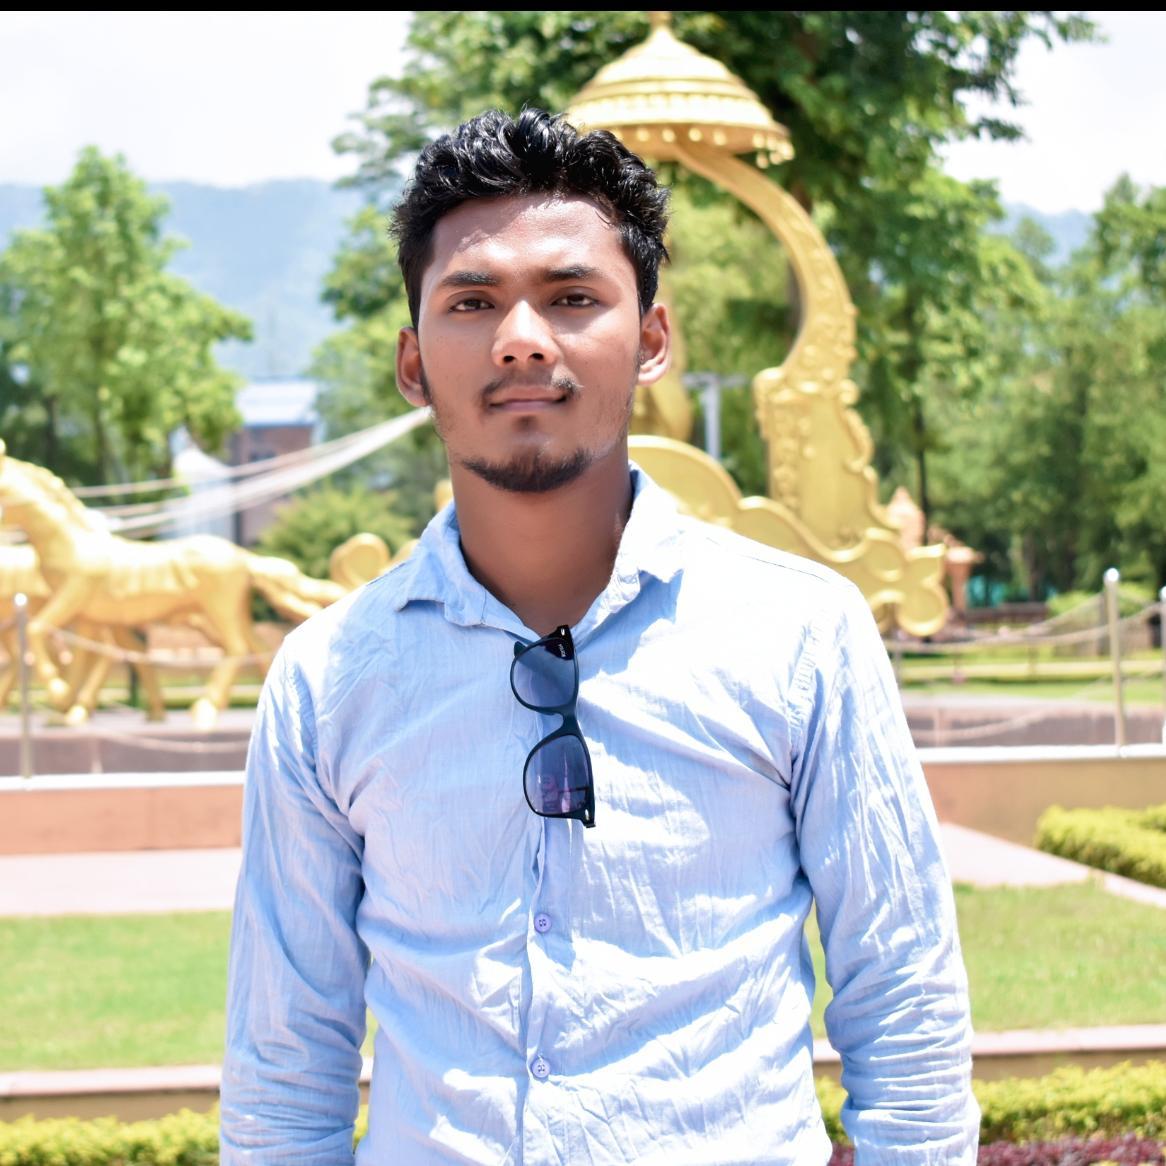 Bikram Chaudhary